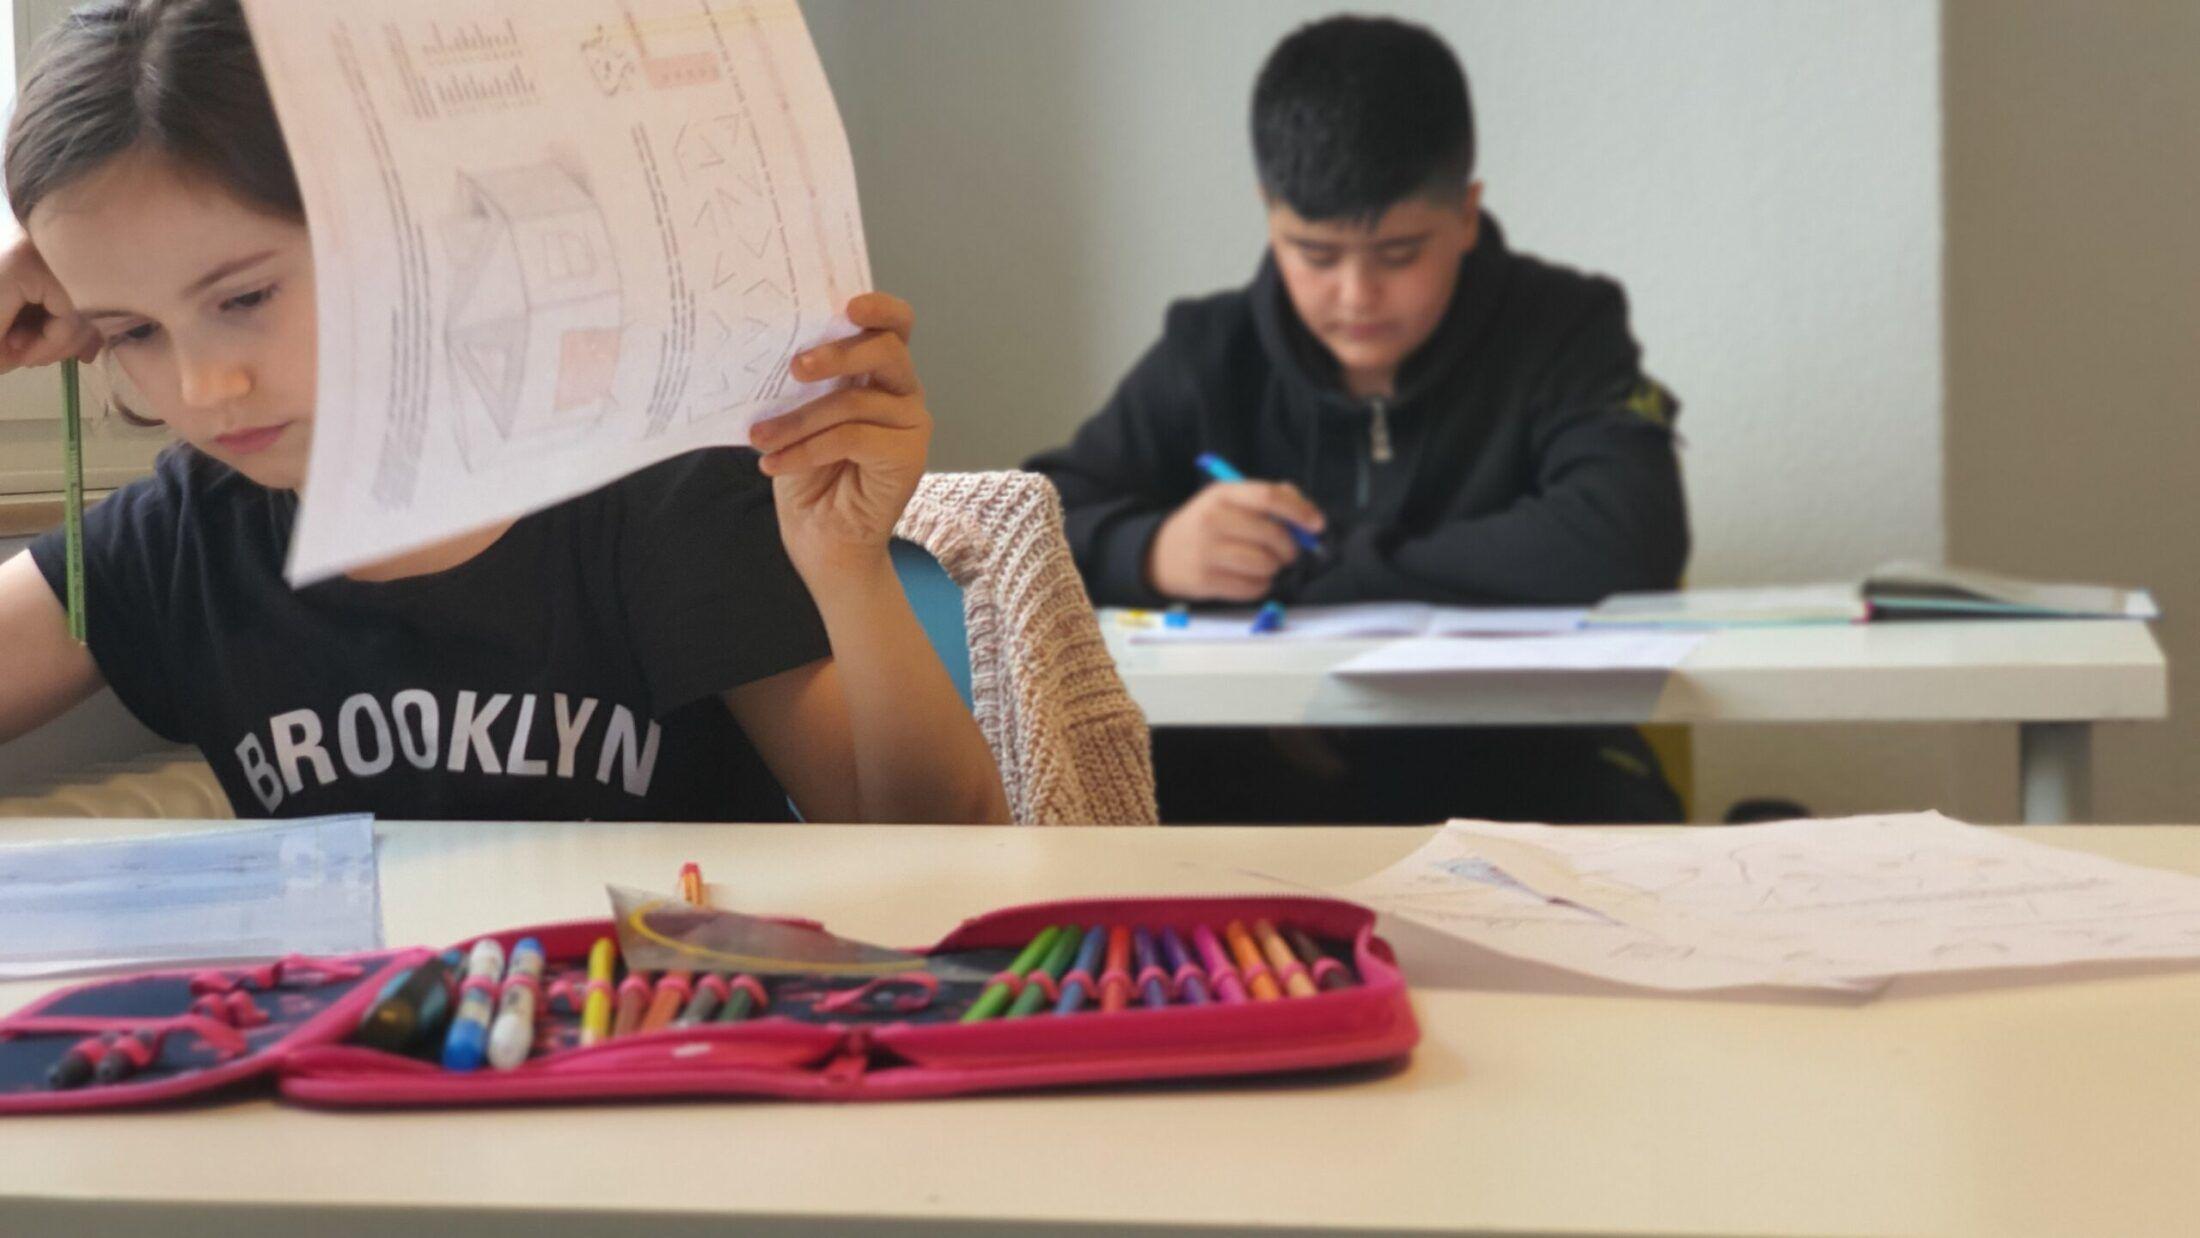 Nützliche Tipps für das Lernen Zuhause